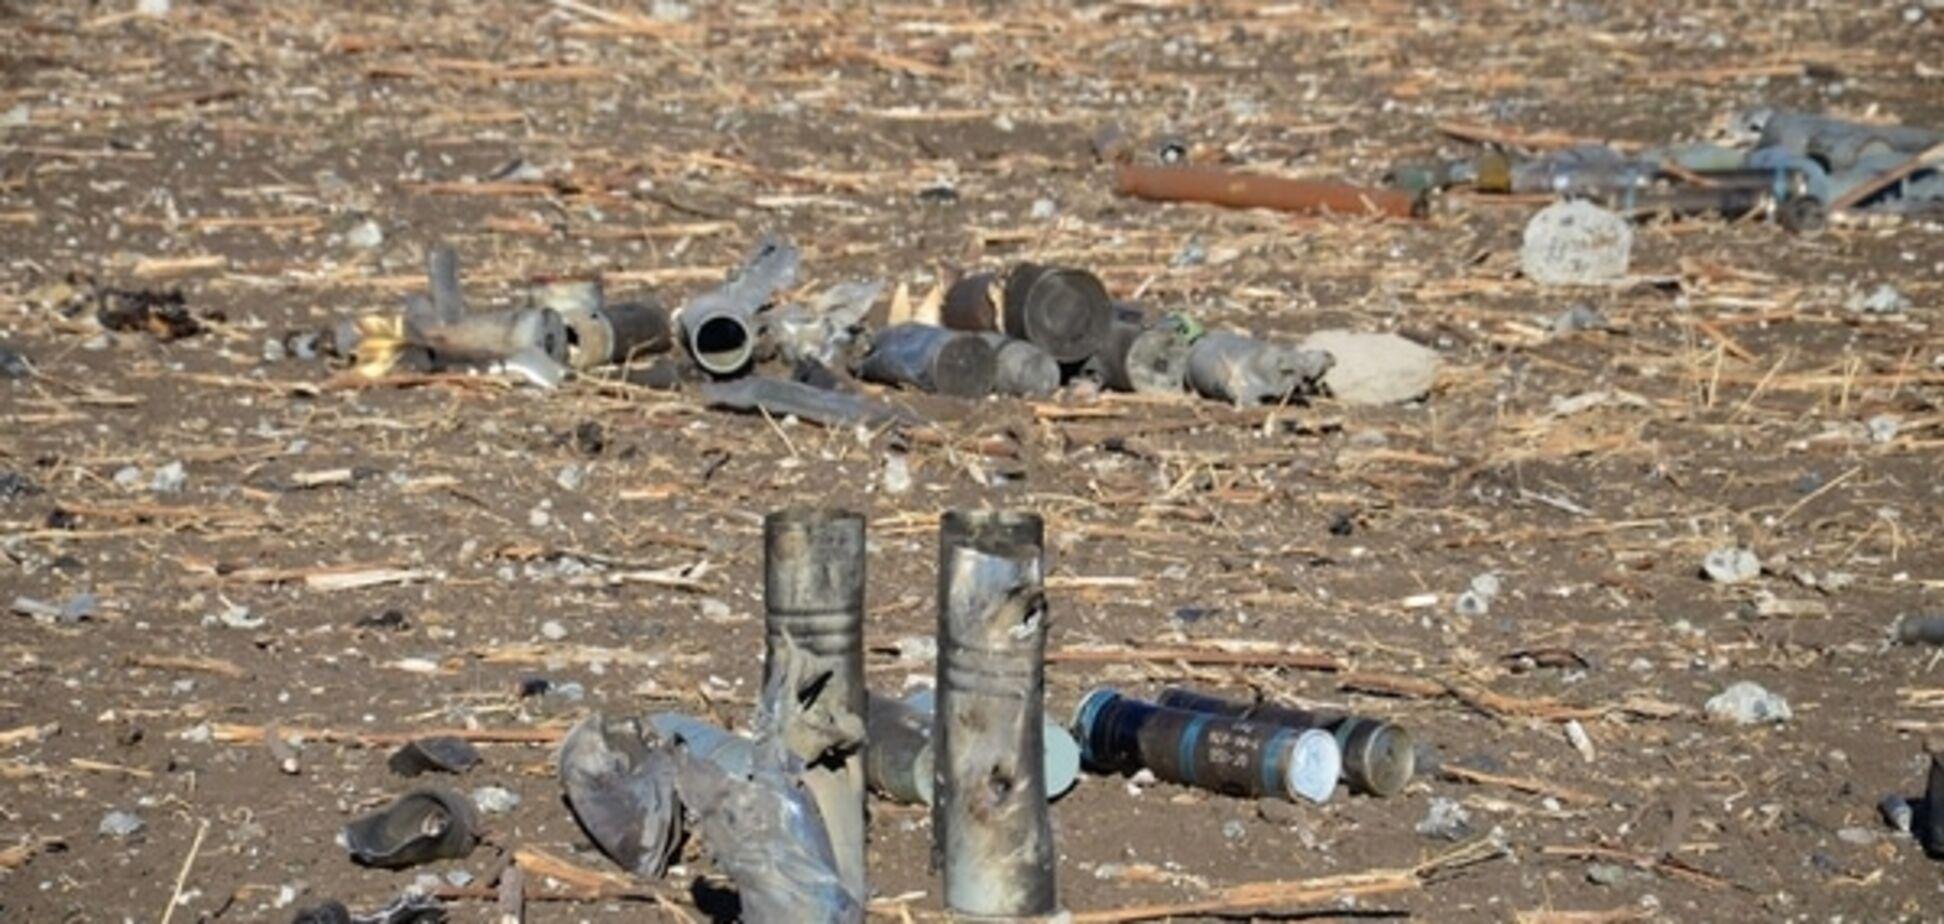 Ситуація на Донбасі: зброя замовкла, у Сватовому знищують снаряди